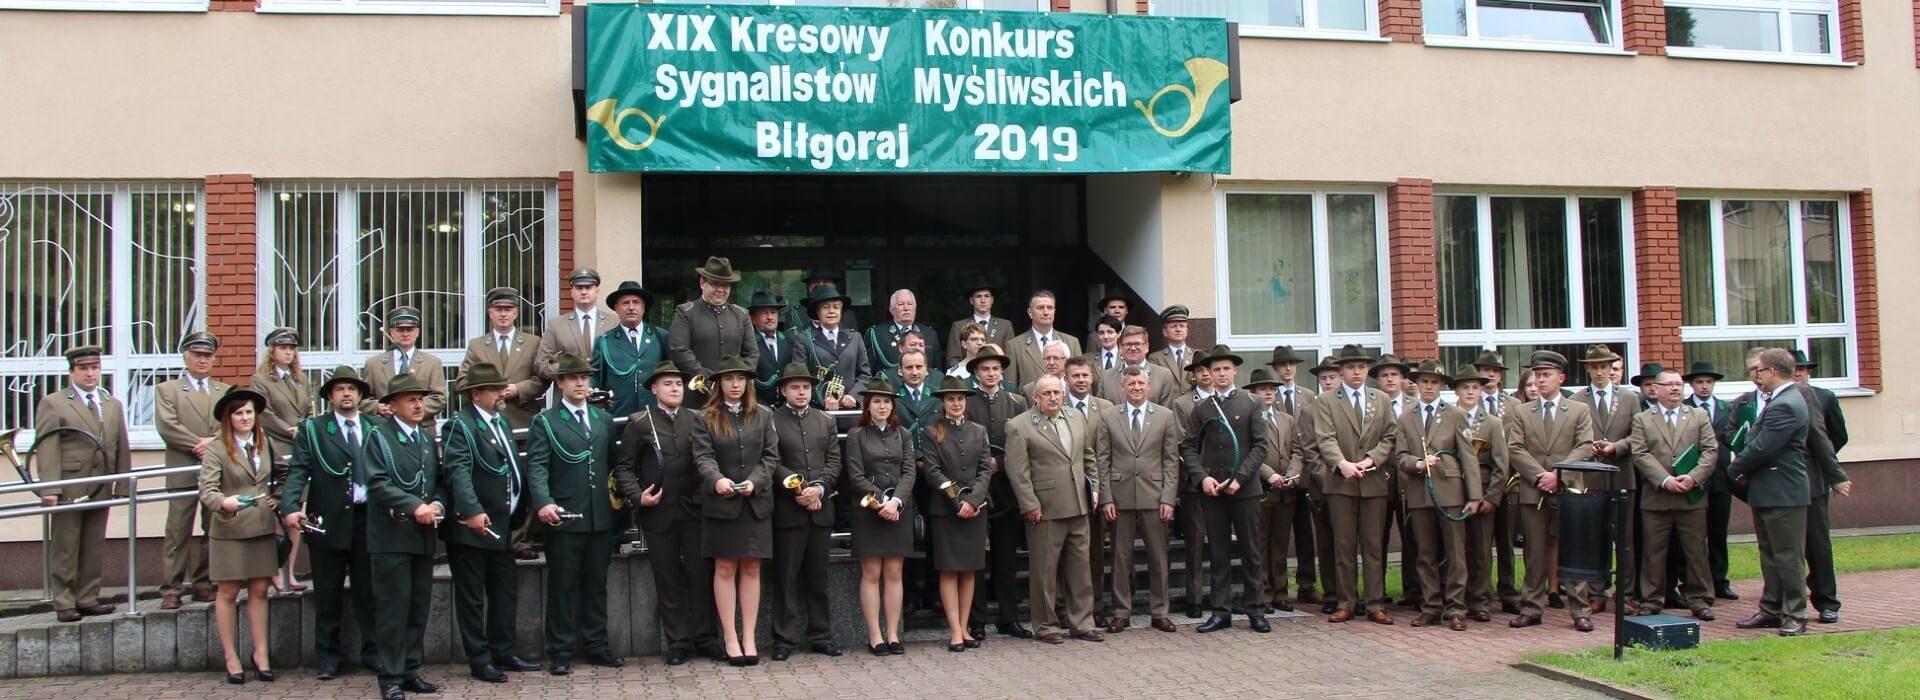 Organizacja imprez - Kresowy Konkurs Sygnalistów Myśliwskich